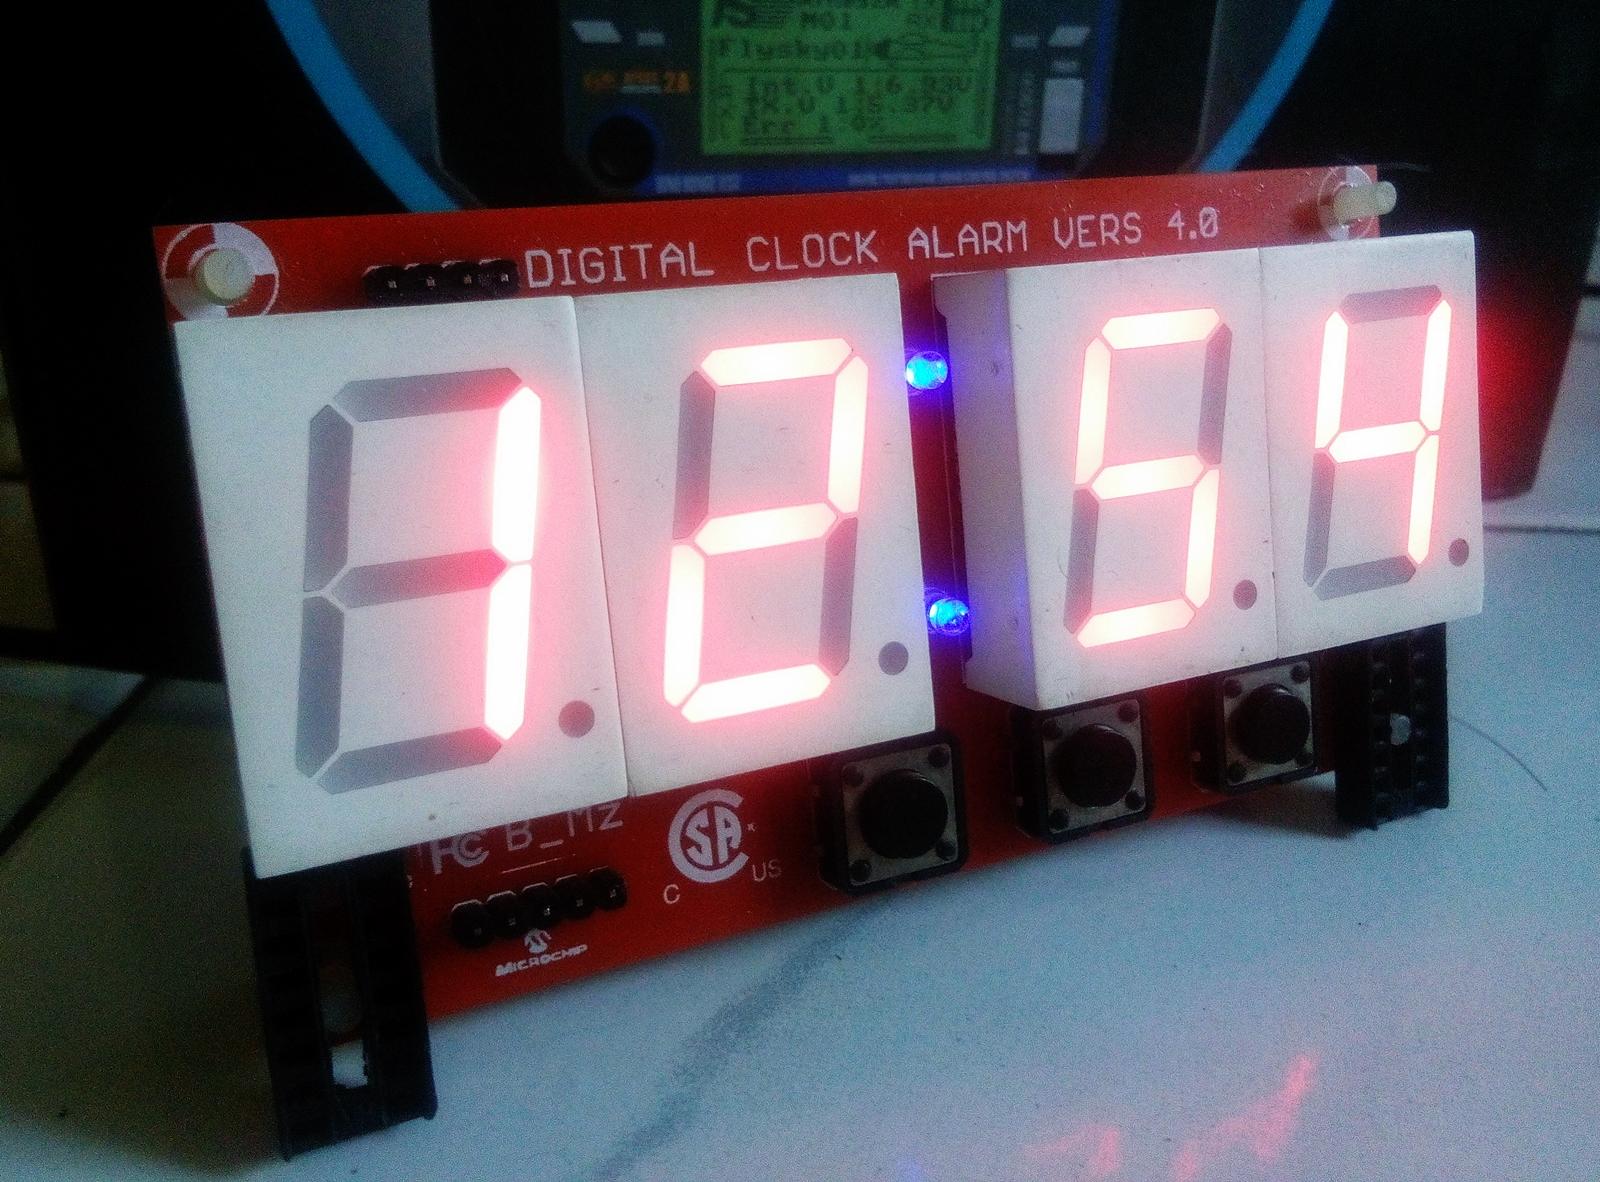 Cara Bootloader Arduino Ke Ic Kosong Atmega 328 P Dicky B Mz Atmega328 Sudah Digital Clock Rtc Ds3231 Dengan Monitoring Suhu Lm35 Display Seven Segment